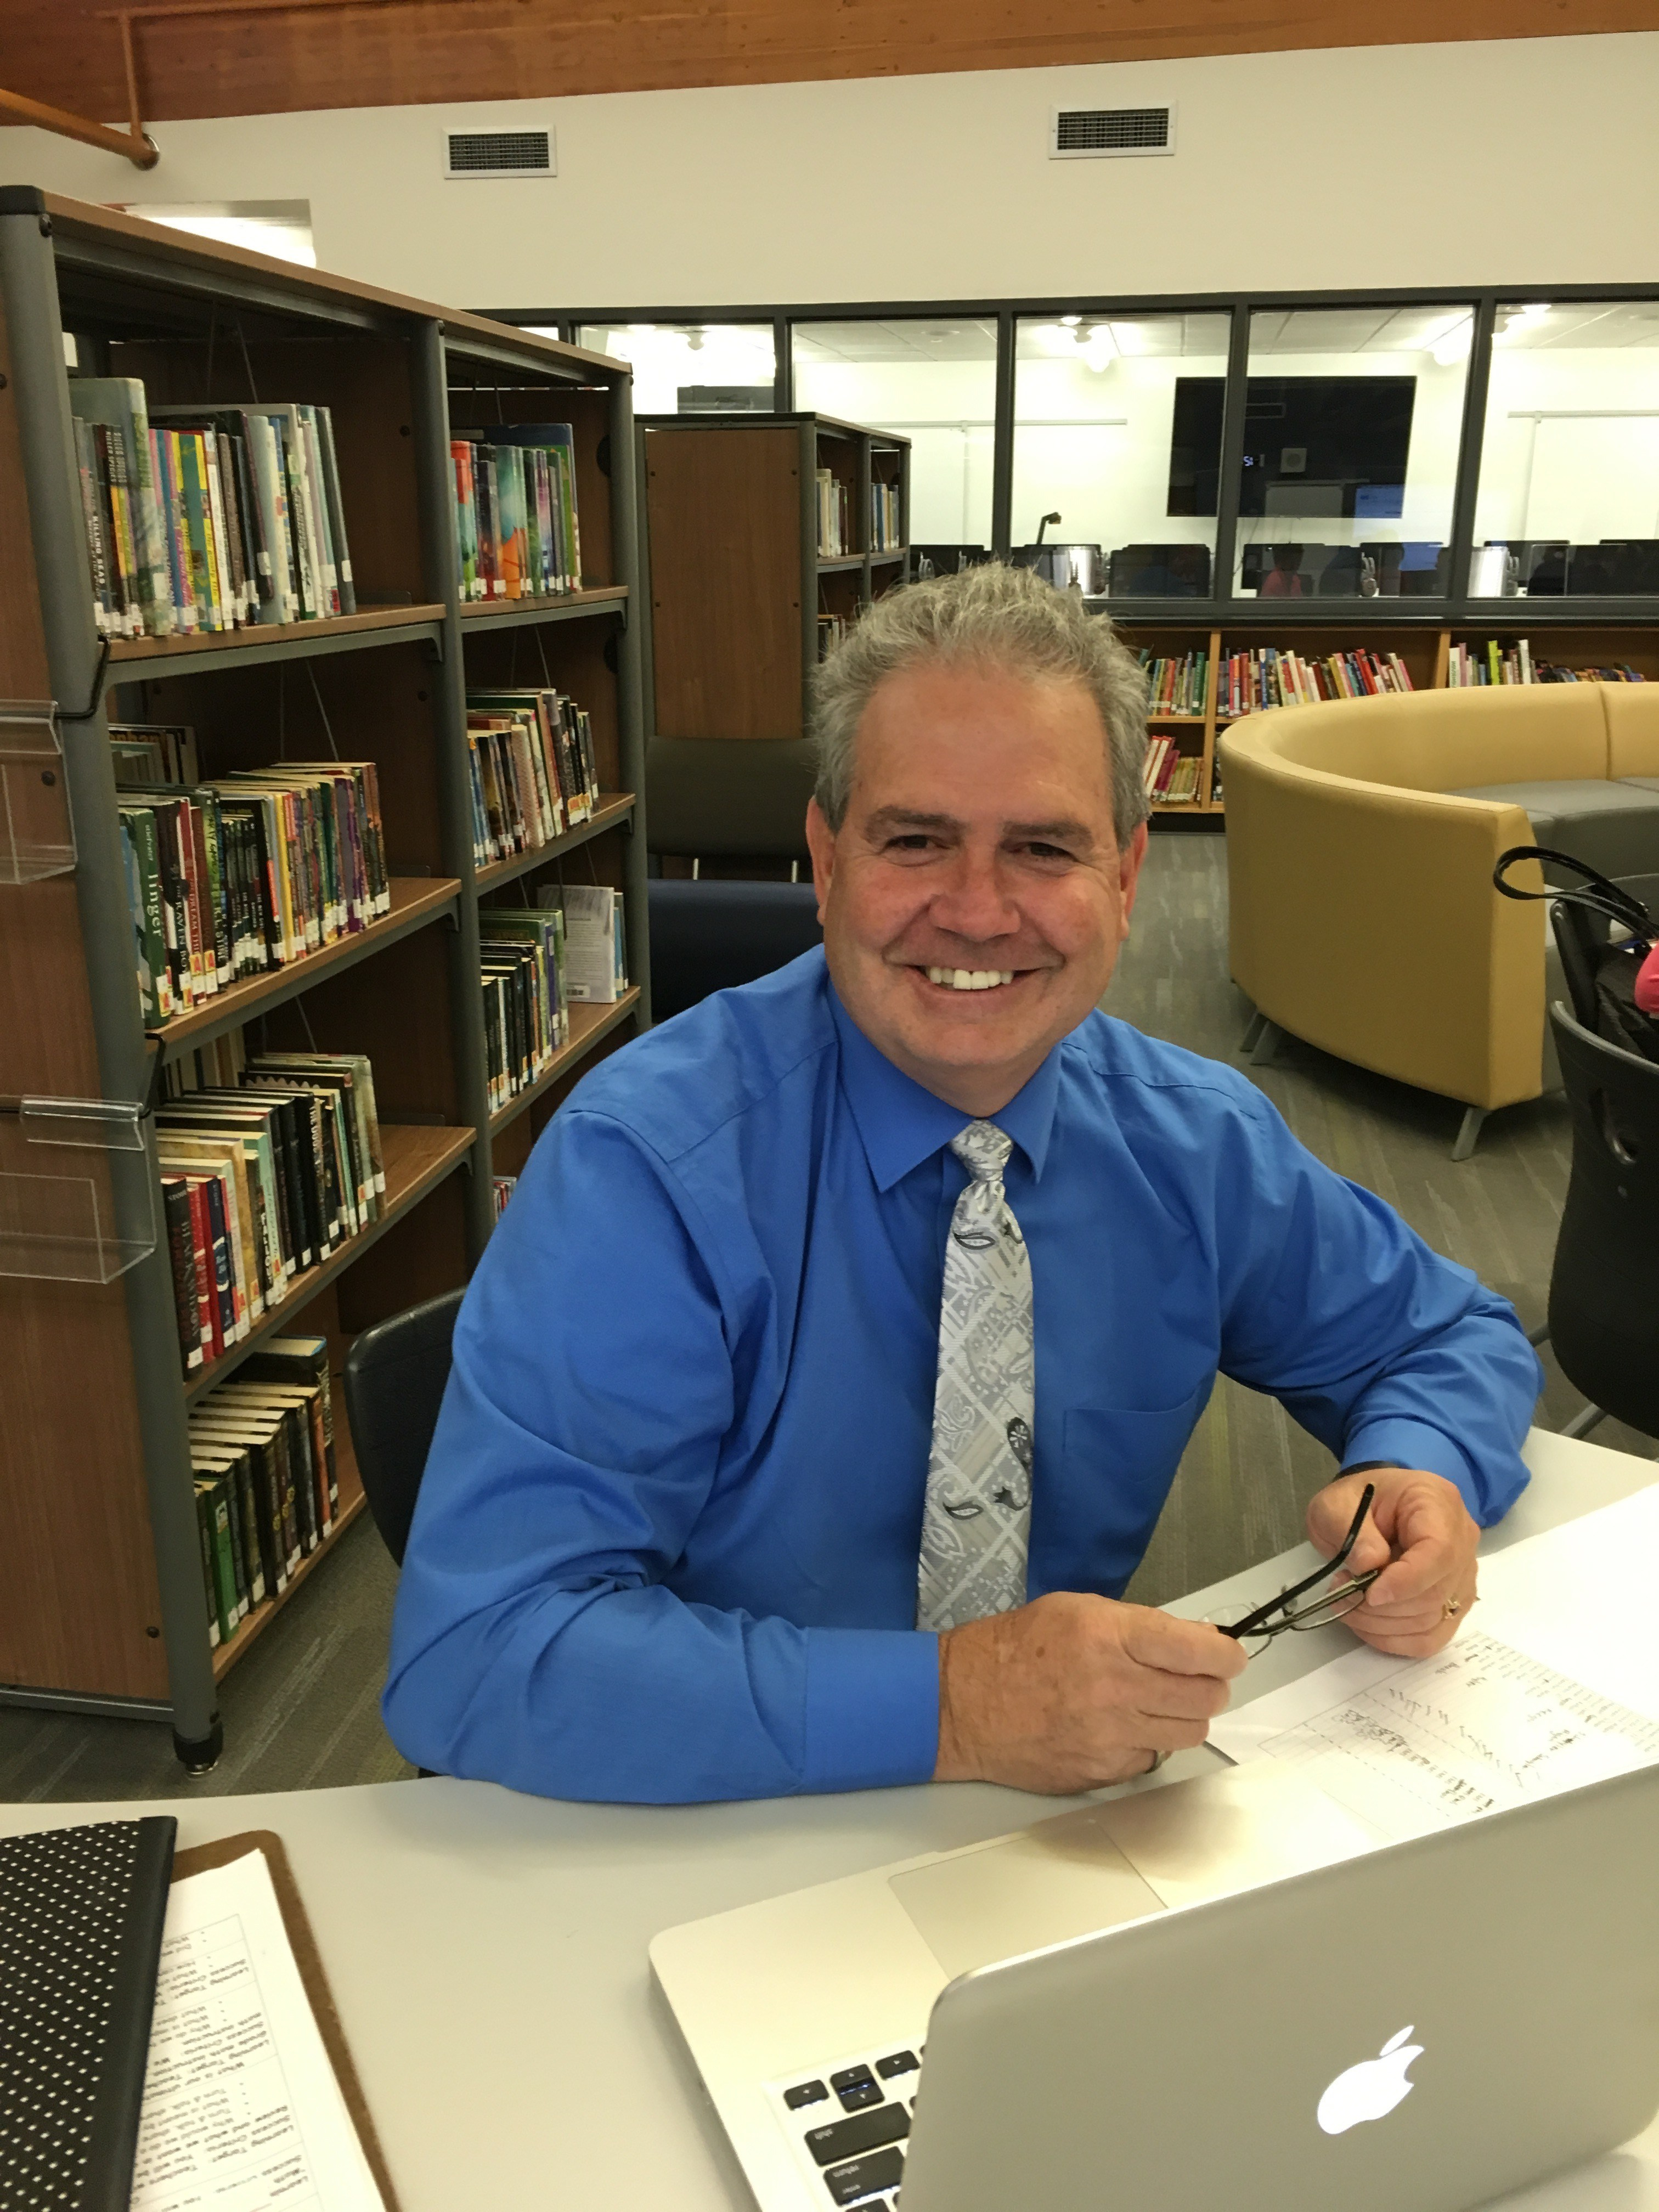 Picture of Mr. O'Driscoll